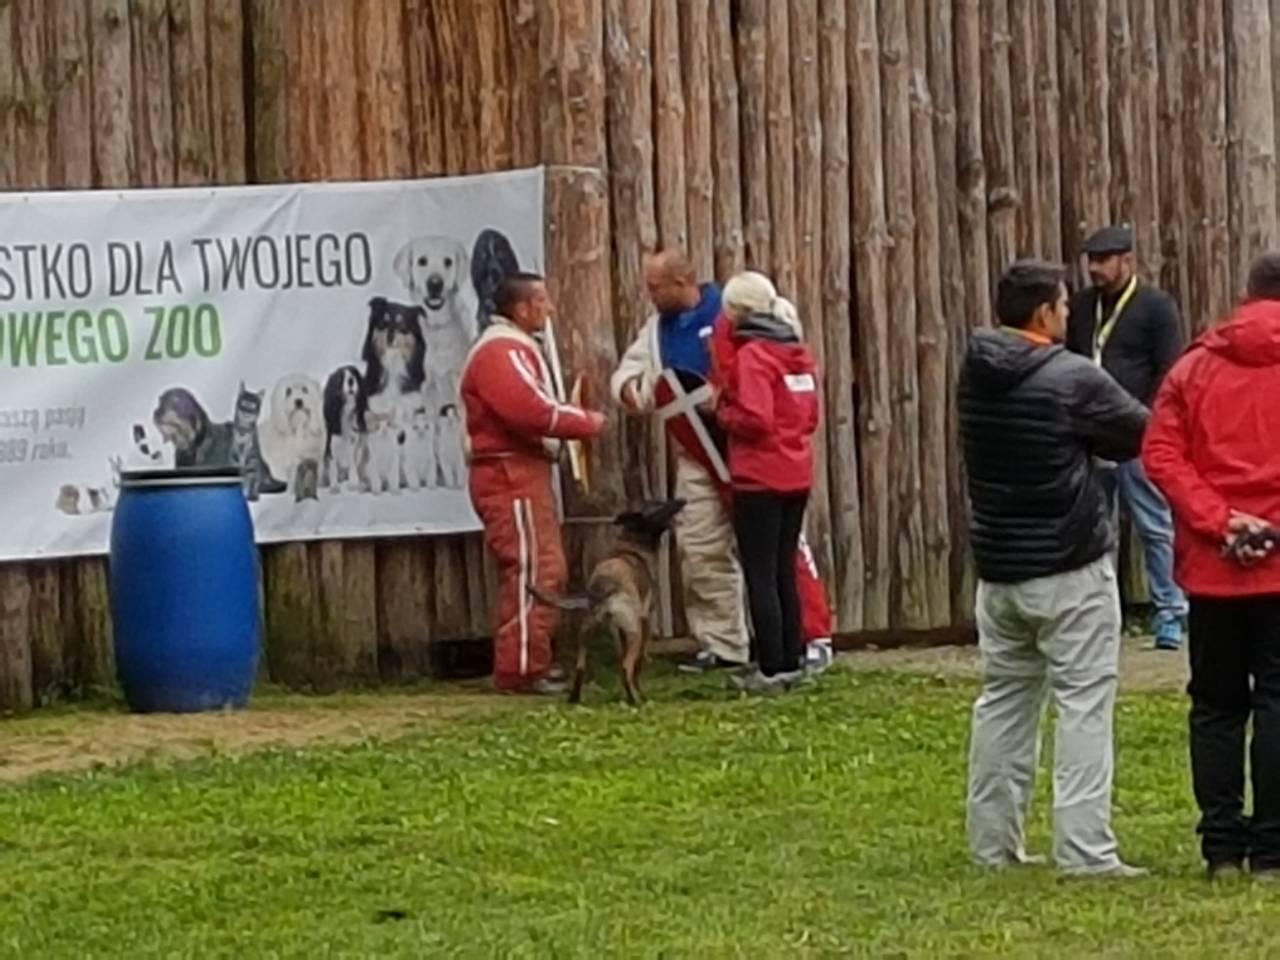 III Międzynarodowe Zawody Mondioringu Racibórz 2-3.09.2017